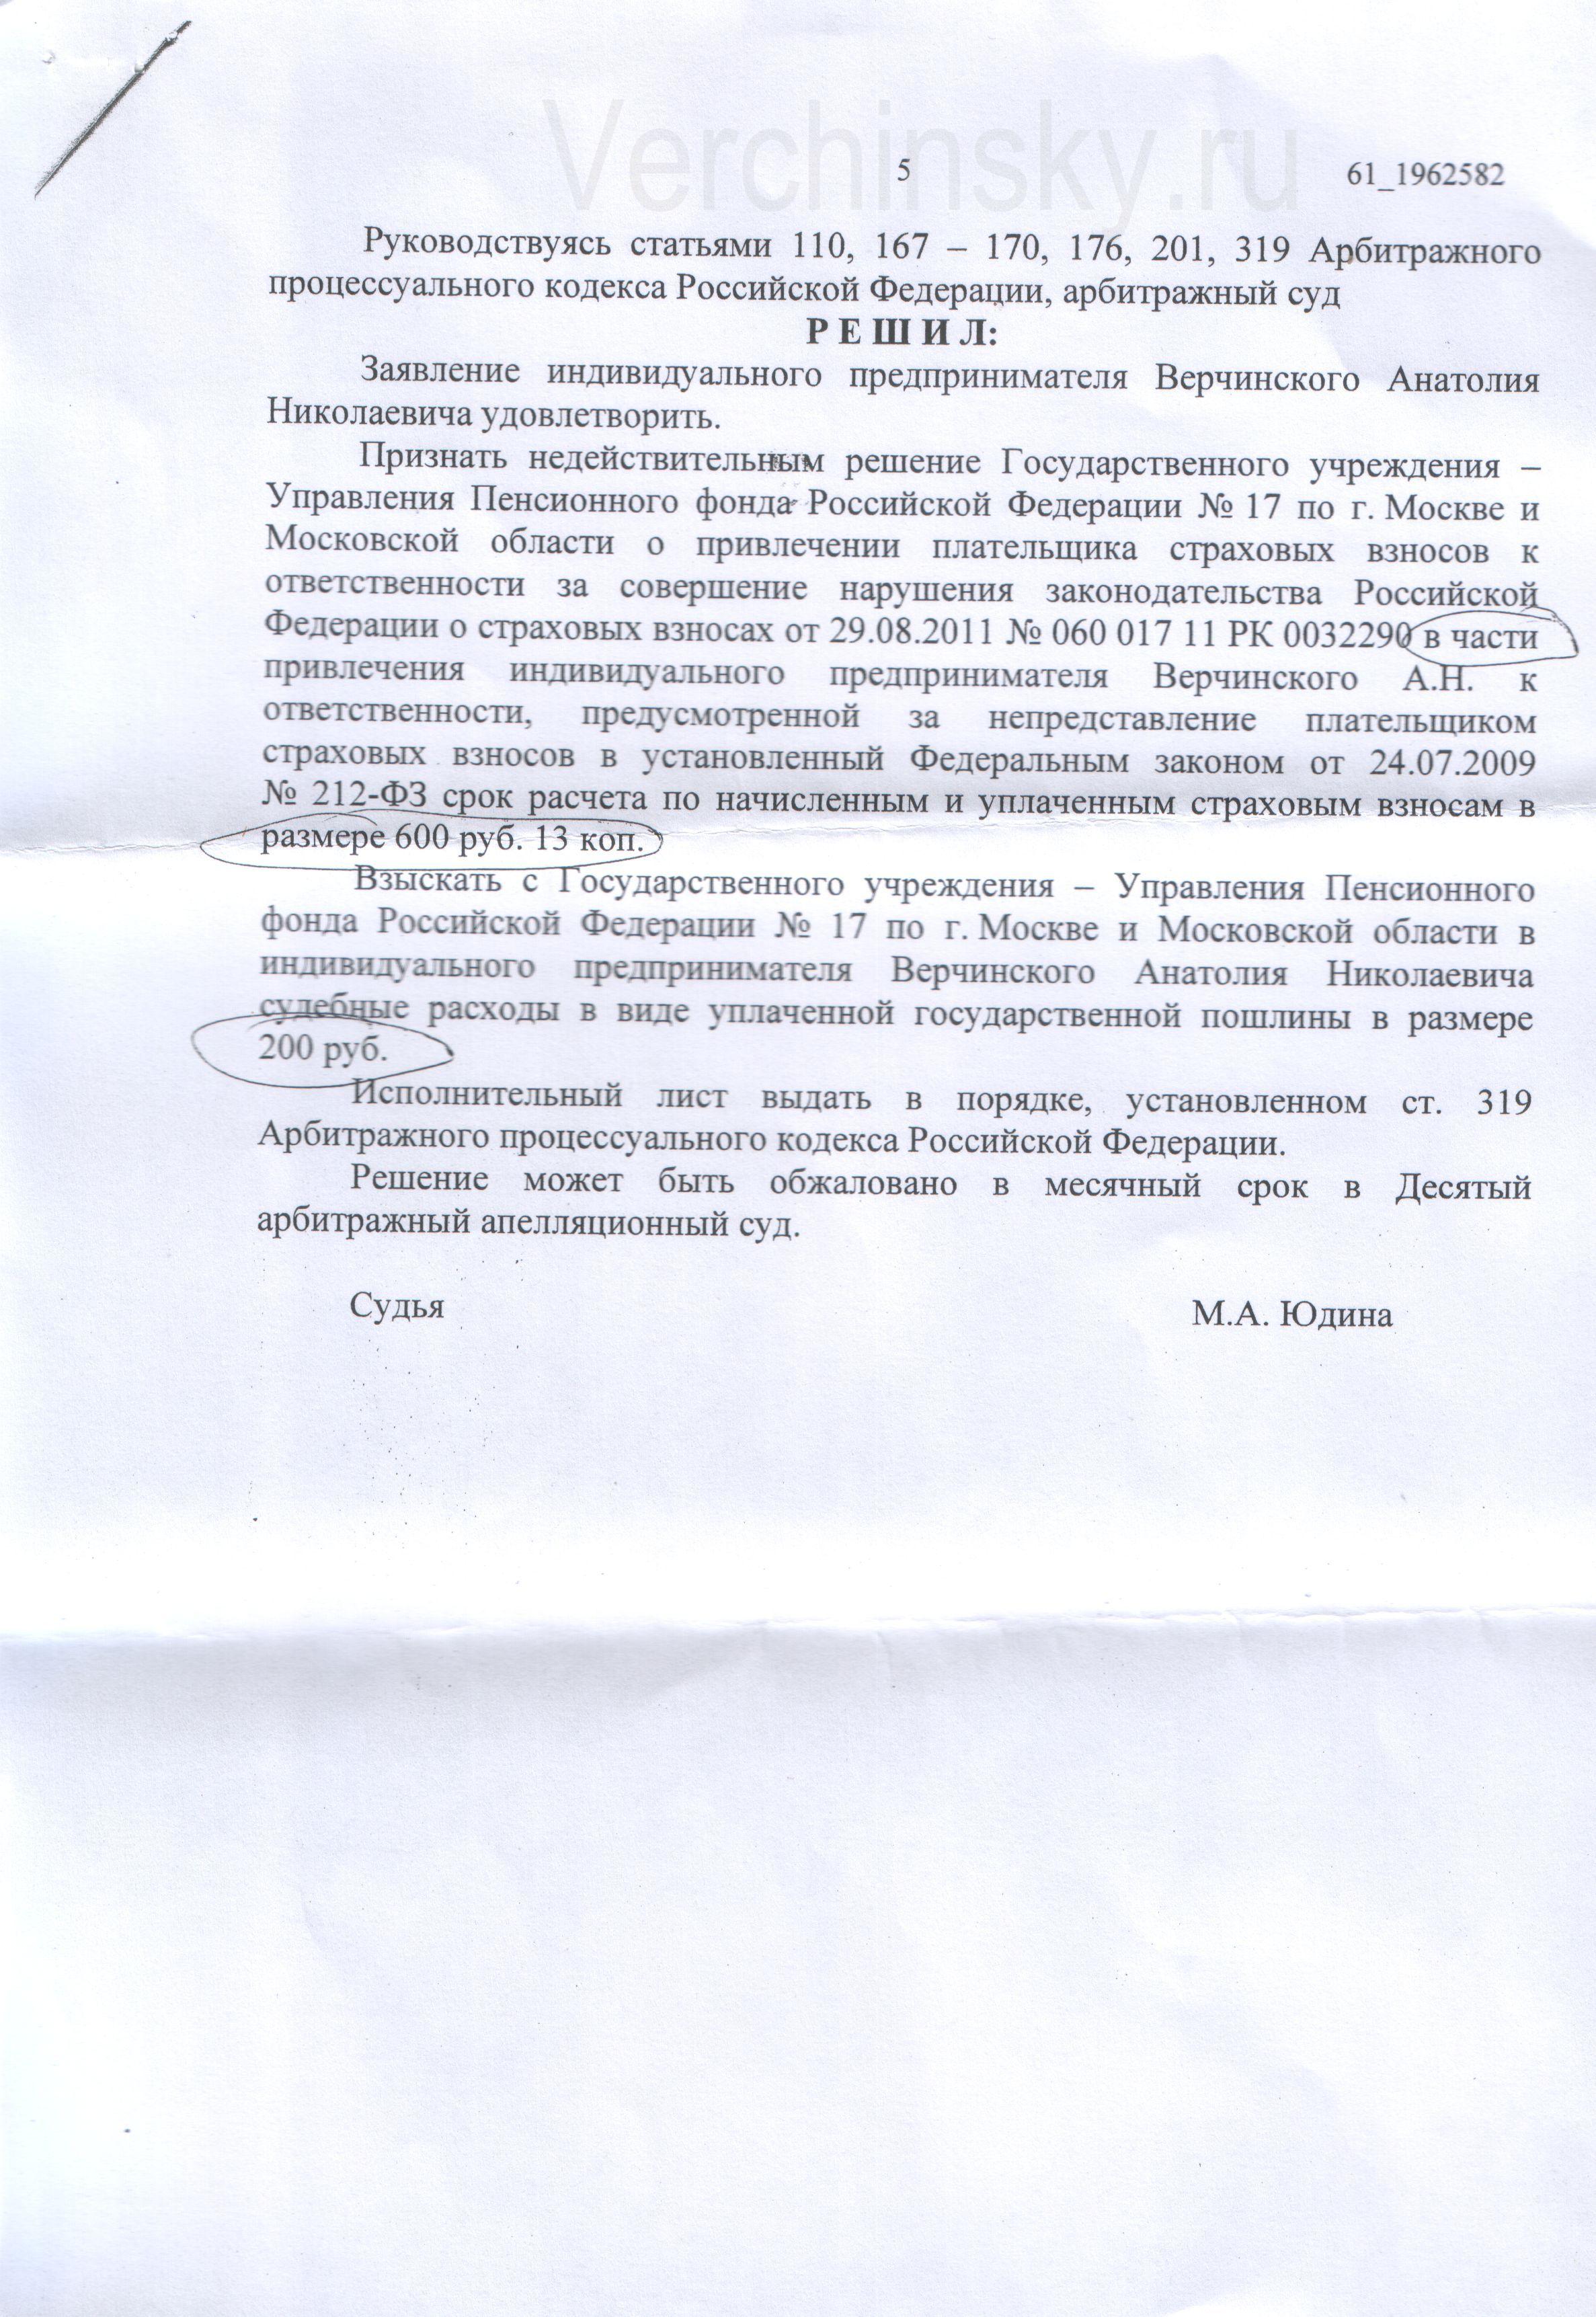 Решение АС МО по штрафу 1800 руб. 41 коп. — 5 из 5 л.jpg